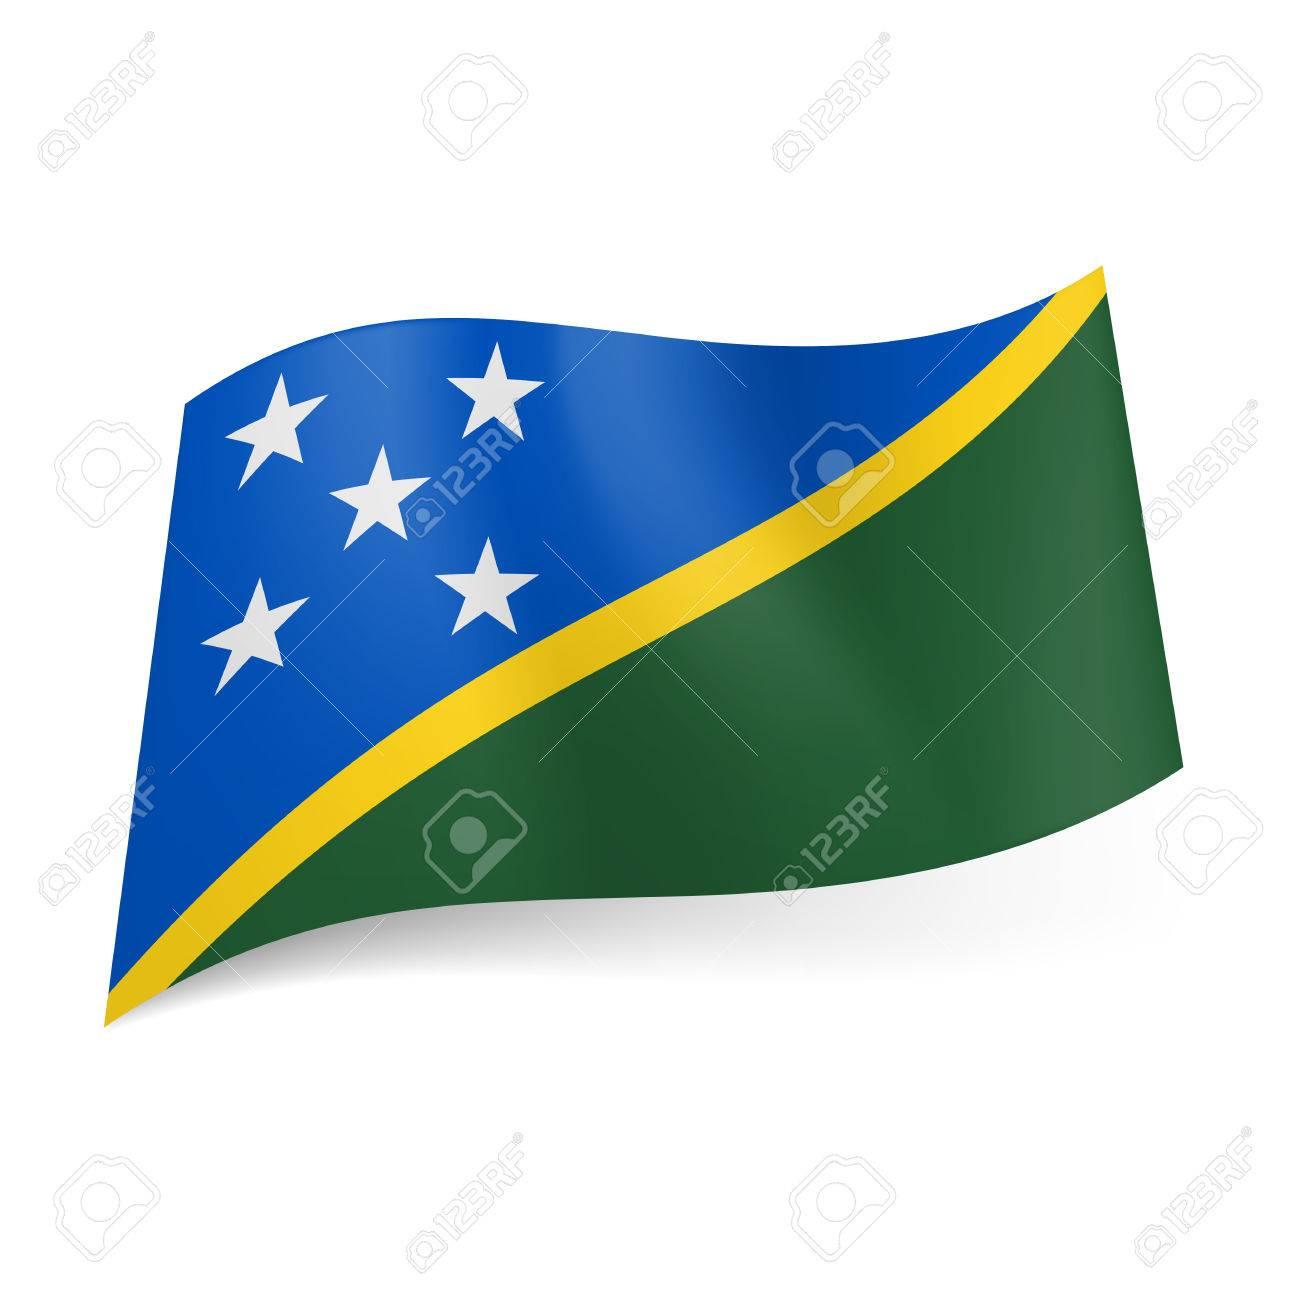 drapeau national des iles salomon champs bleus et verts separes en diagonale avec la ligne jaune cinq etoiles blanches sur fond bleu